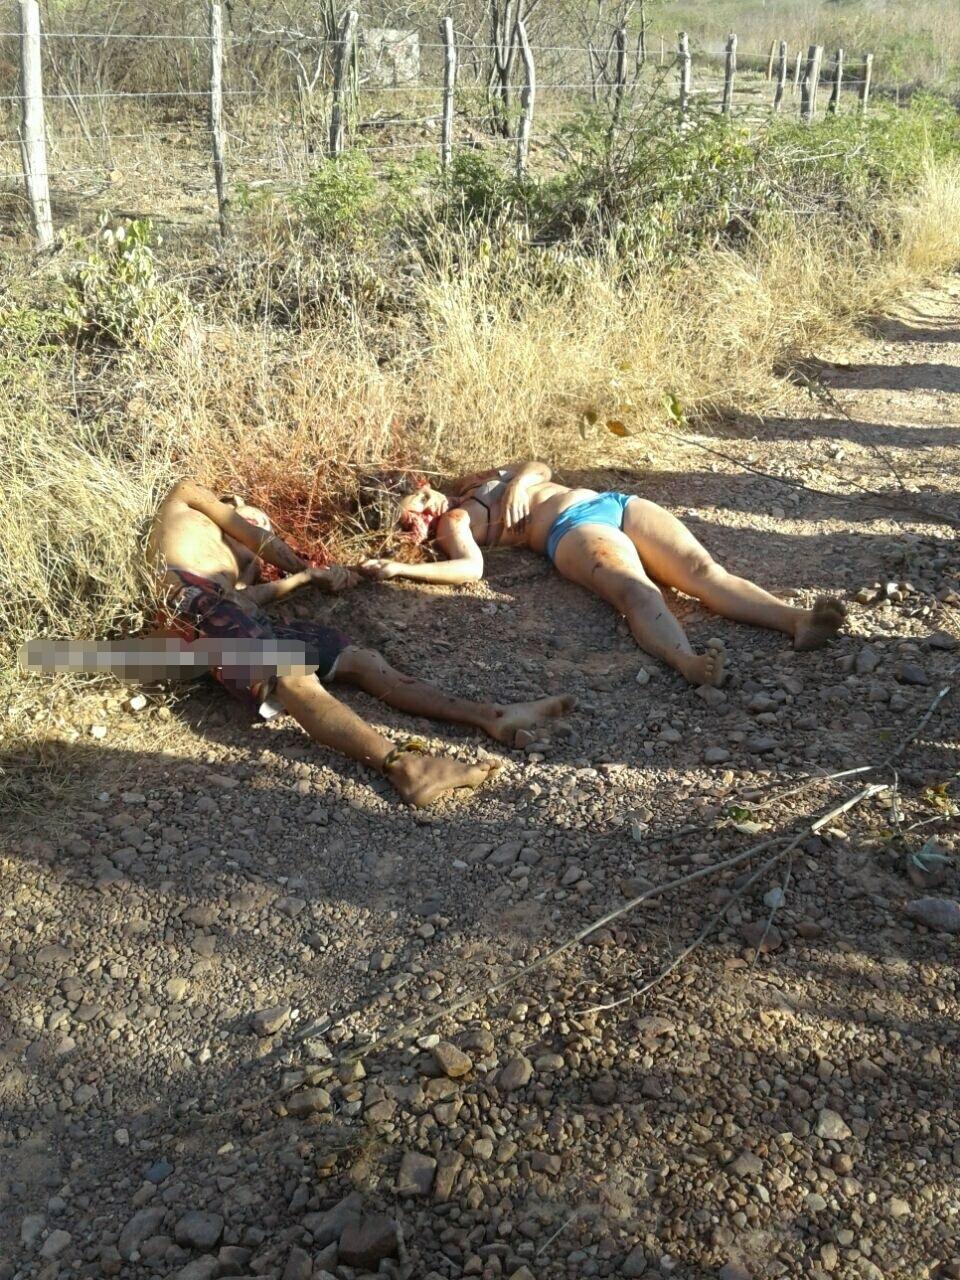 【閲覧注意】麻薬取引でギャングと揉めたブラジルの母子、裸にひん剥かれて射殺される・・・・・(画像)・4枚目